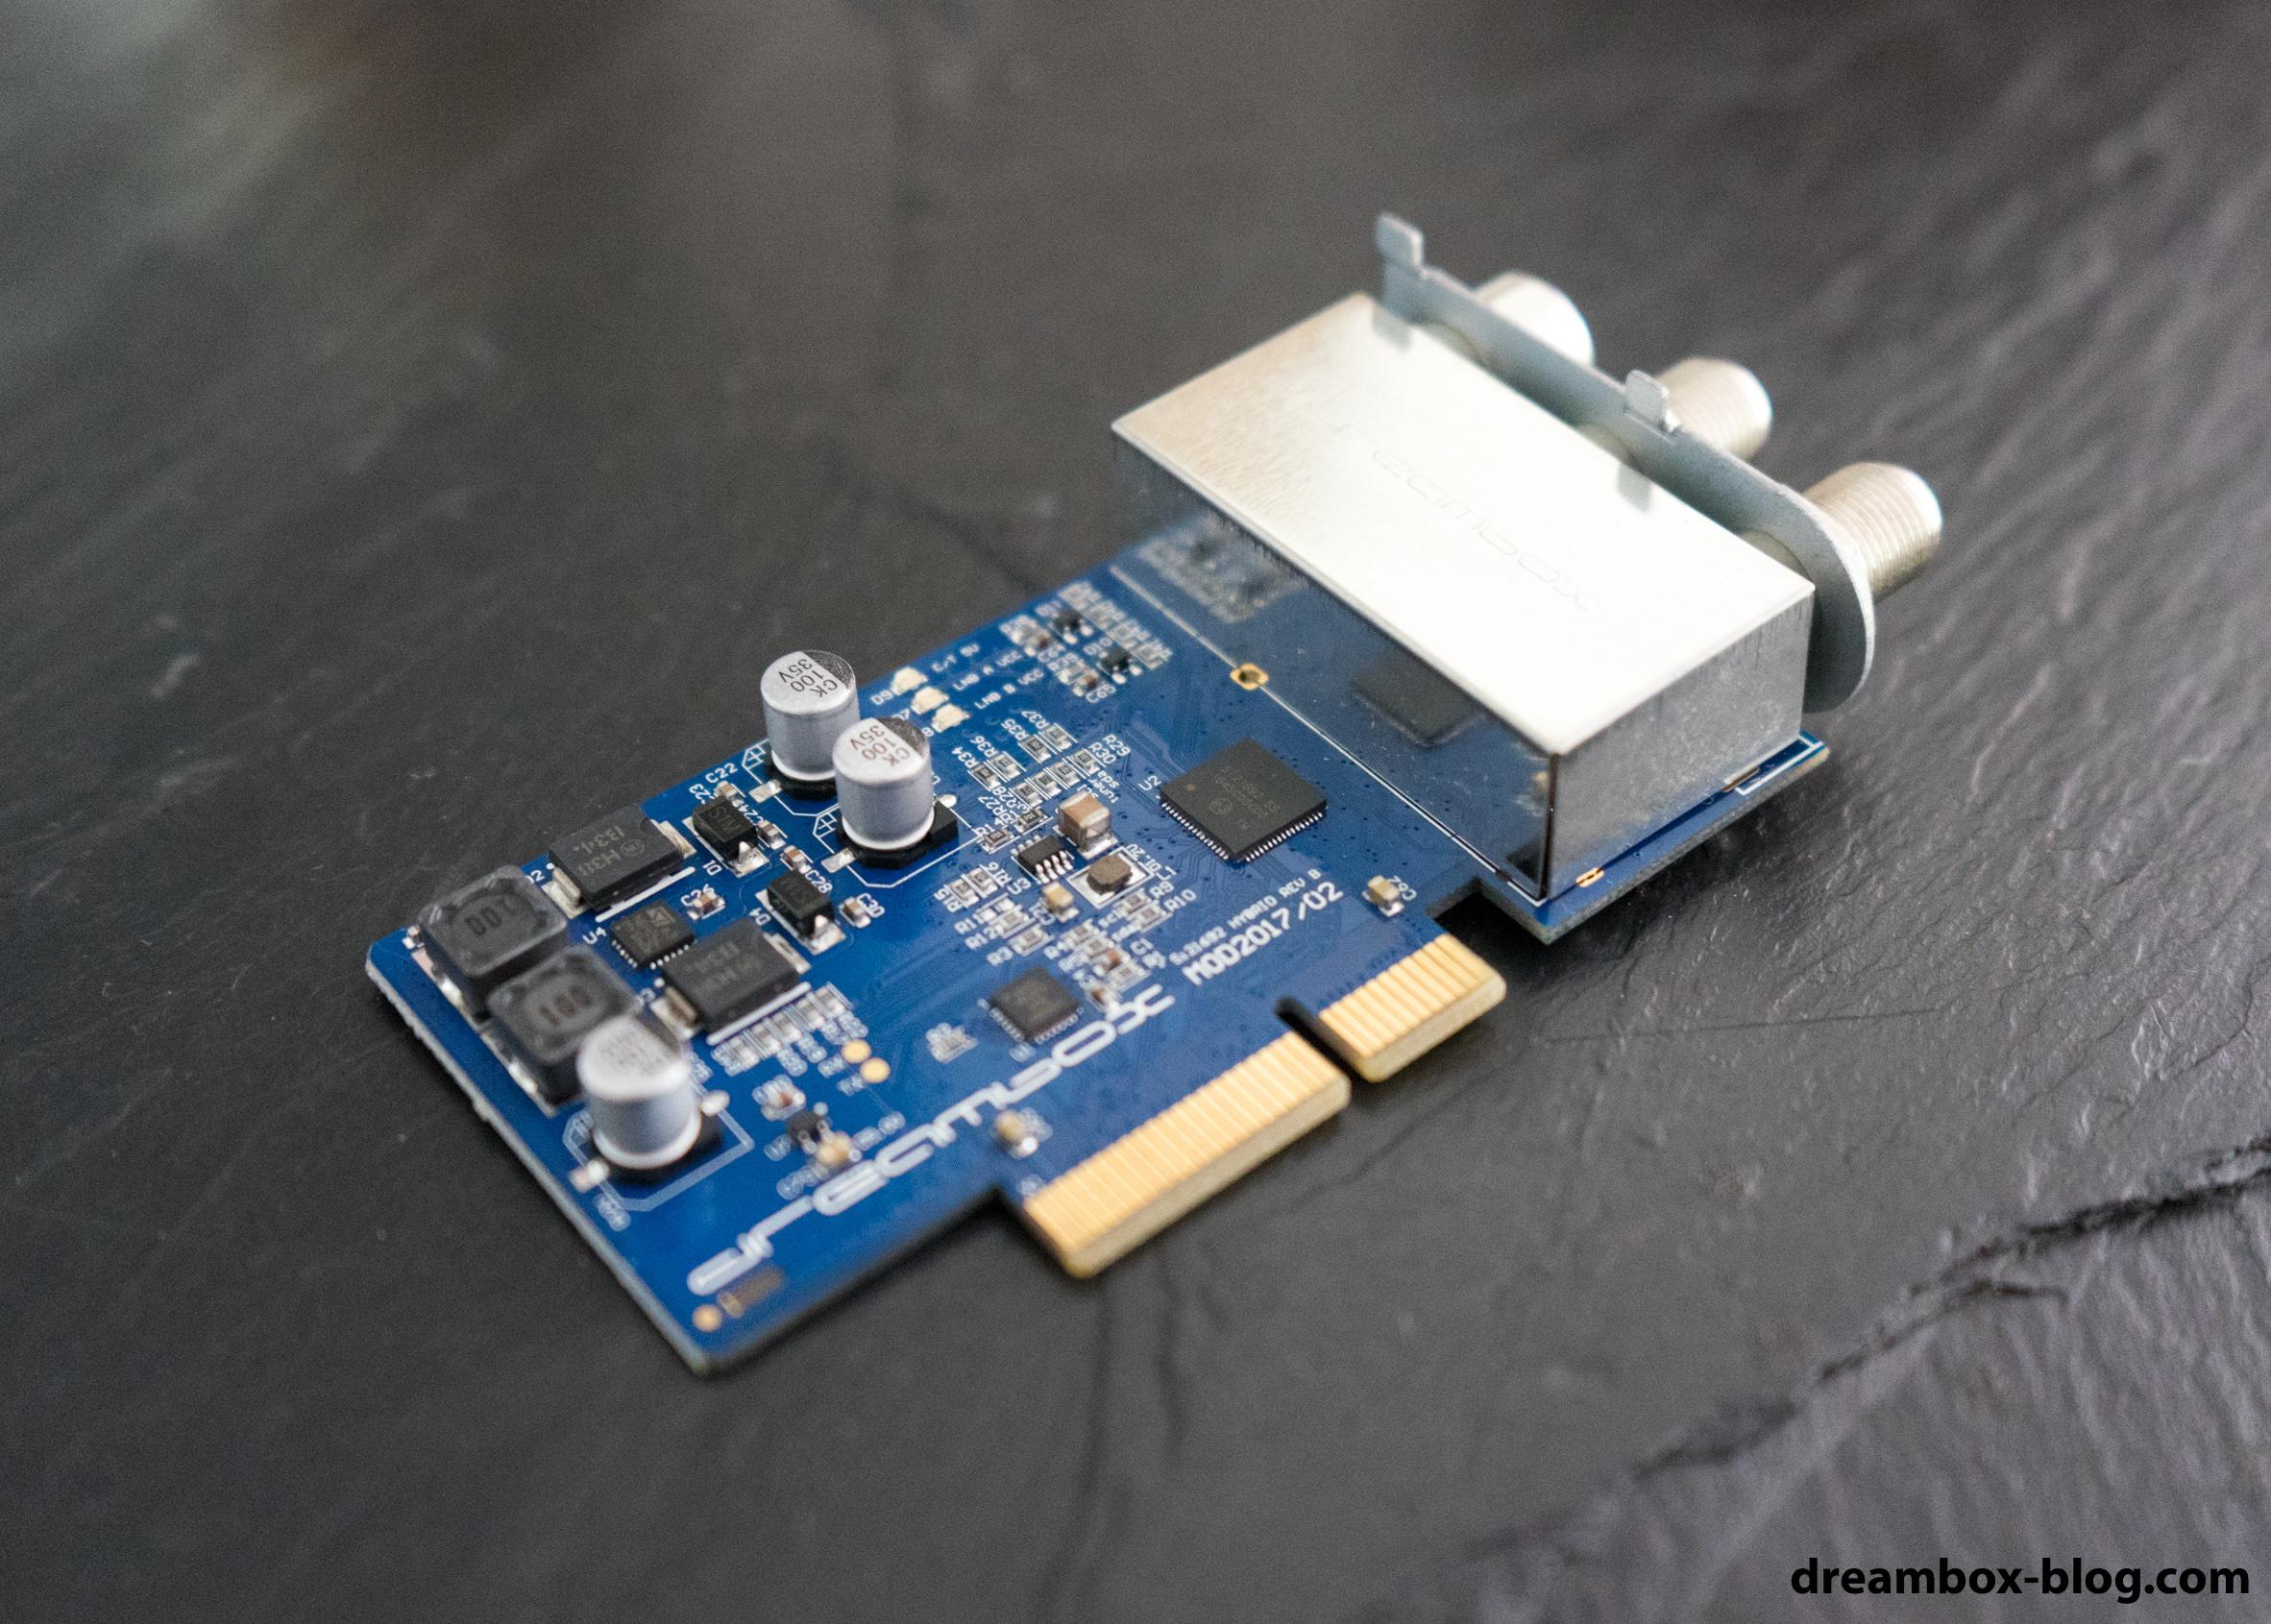 Triple-Tuner ausprobiert mit der DM900 und DM820 › Dreambox-Blog